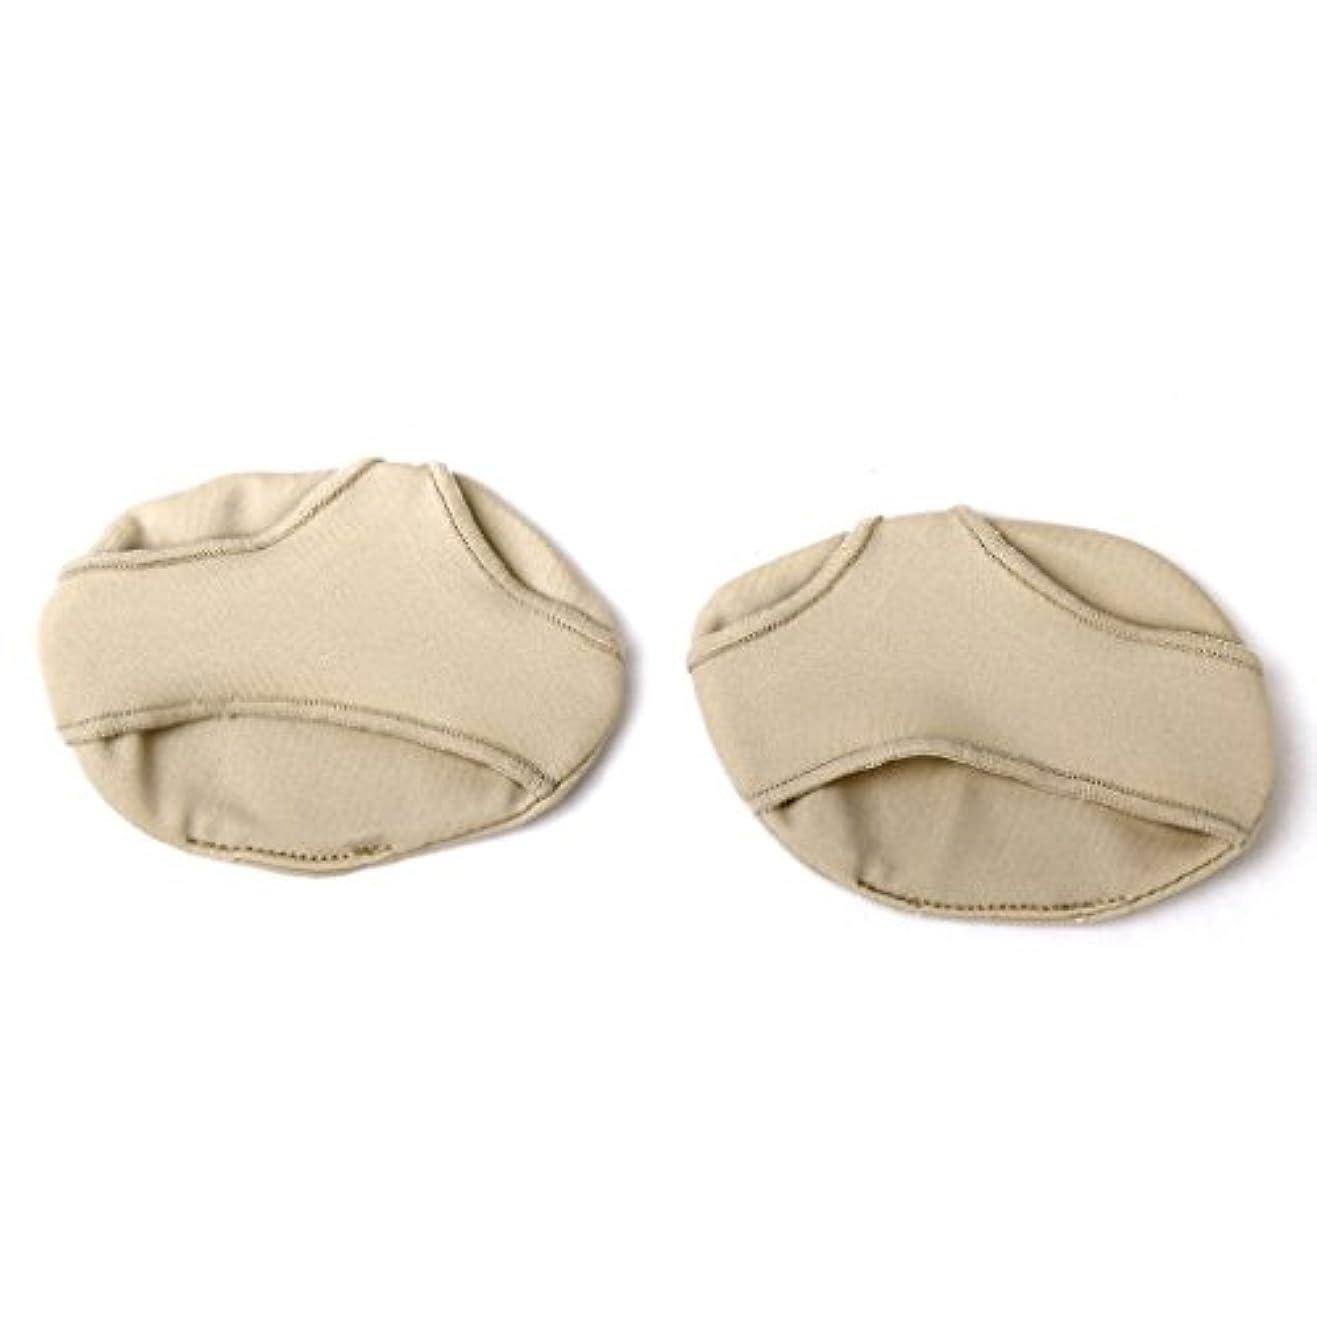 デッキセマフォ反映するGaoominy ペアの低中足パッド クッションブランケット 前足の痛みを和らげるためのストラップ付きインソール Y形